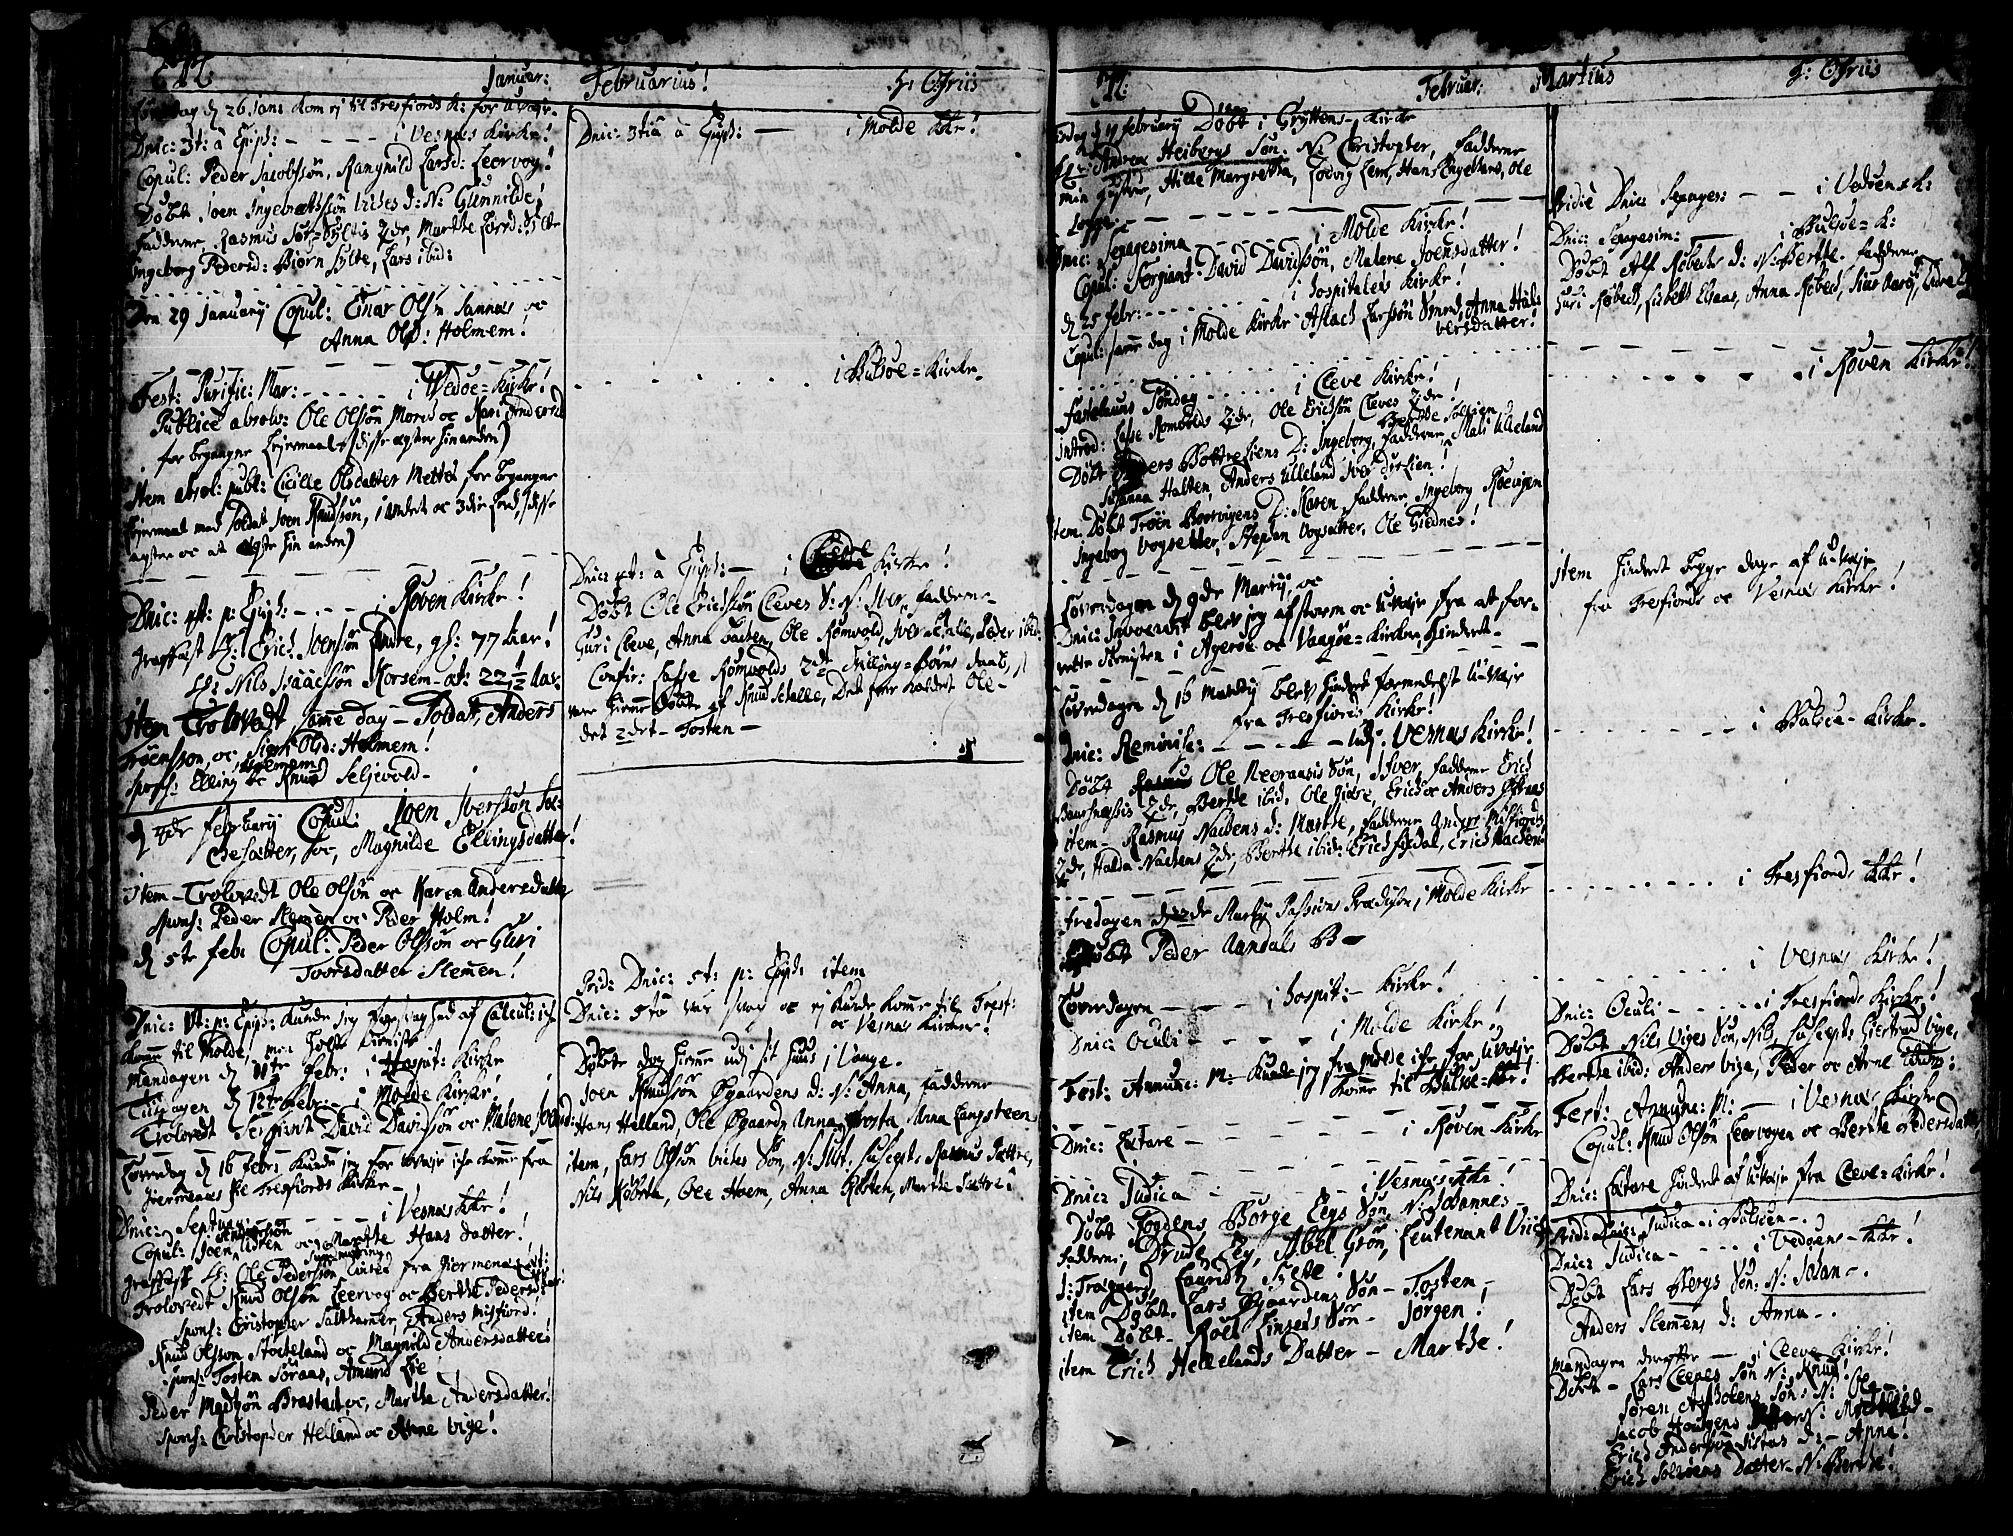 SAT, Ministerialprotokoller, klokkerbøker og fødselsregistre - Møre og Romsdal, 547/L0599: Parish register (official) no. 547A01, 1721-1764, p. 70-71